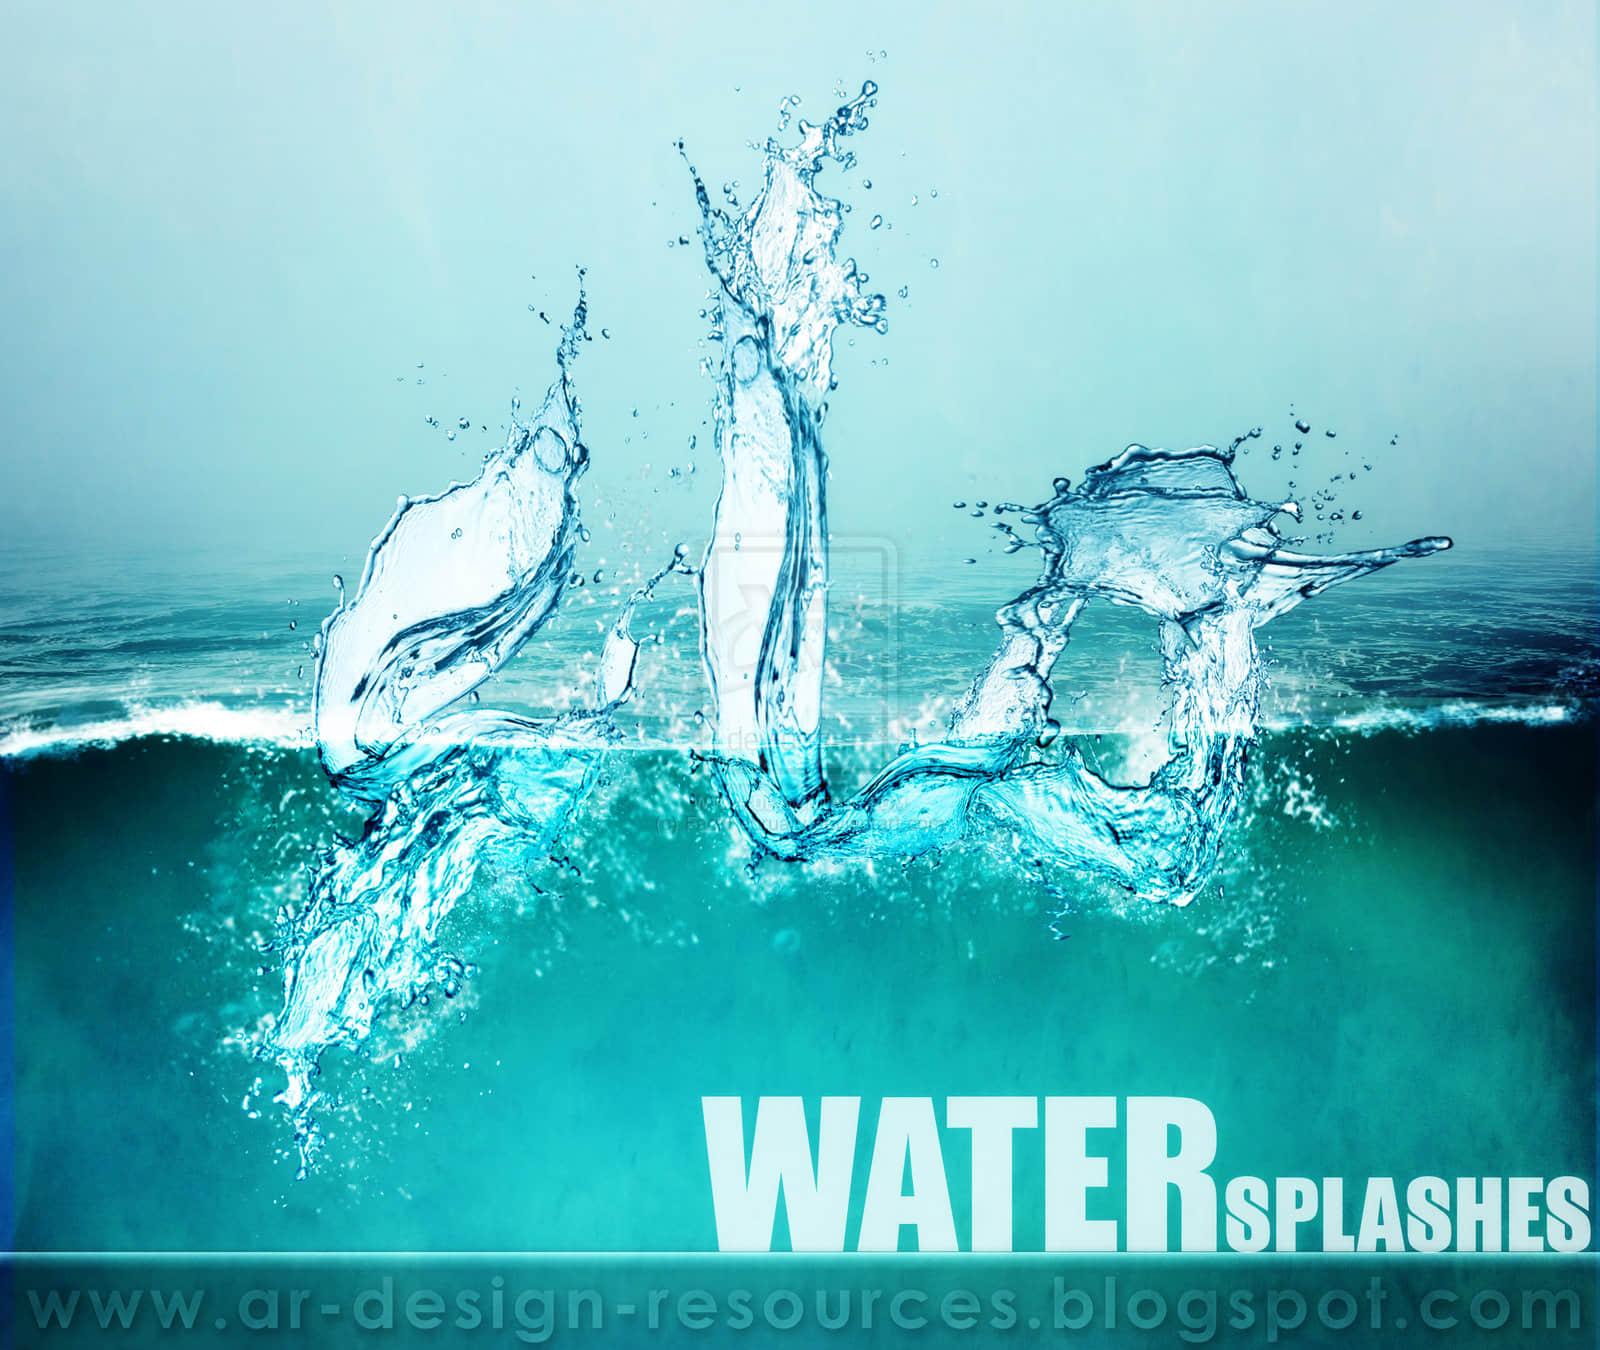 超清水流、激流、水花、液体PS笔刷